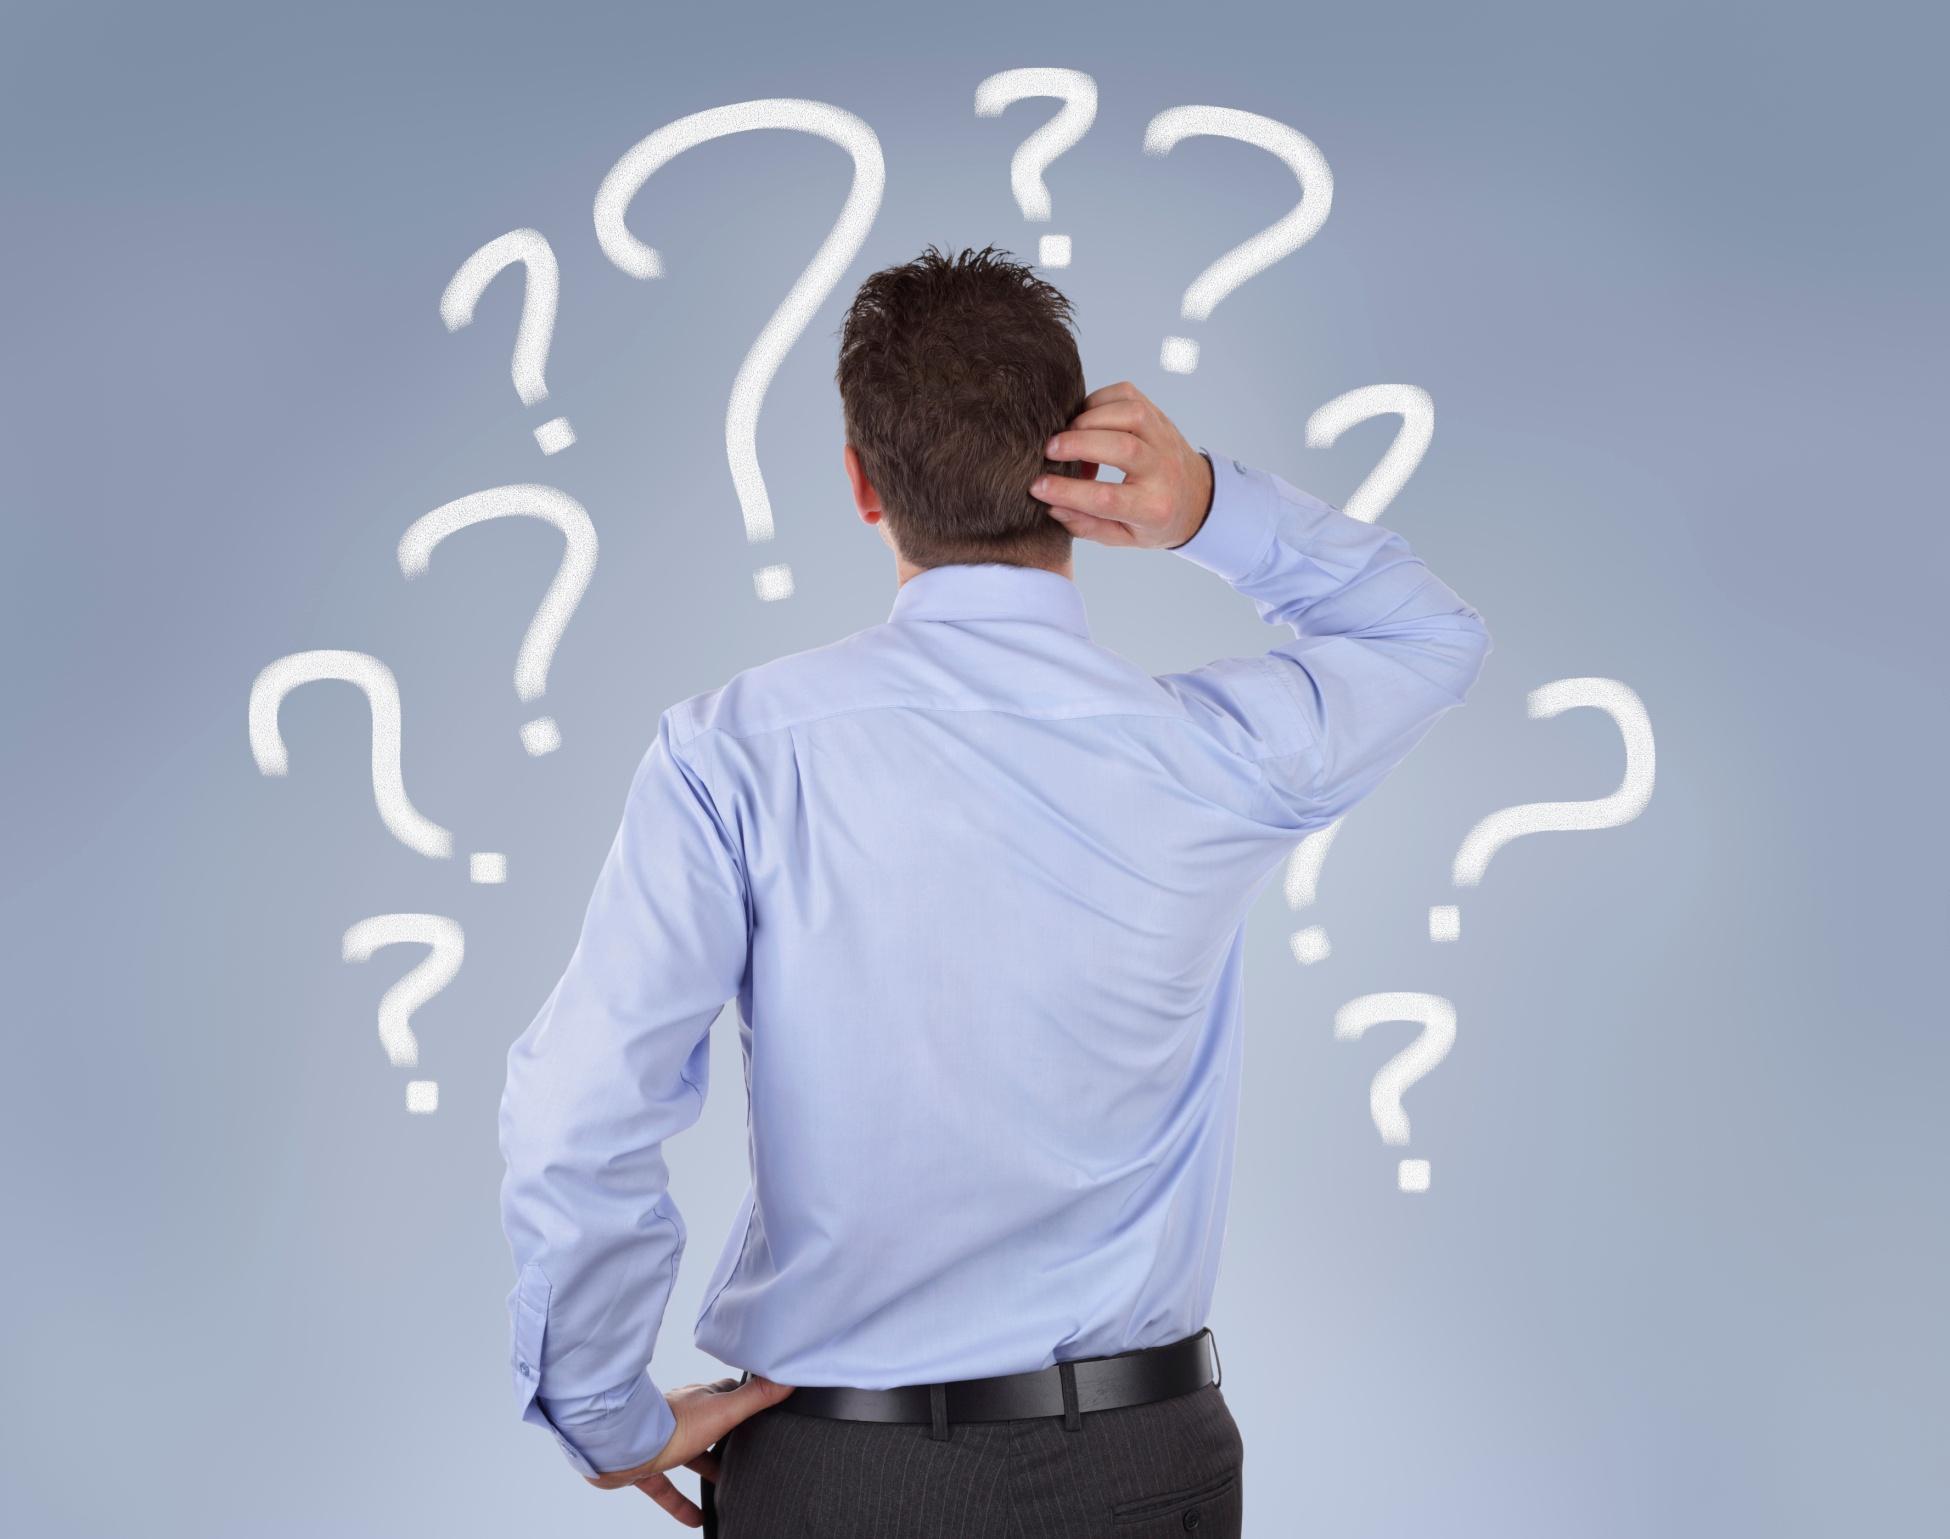 b2b-leads-questions